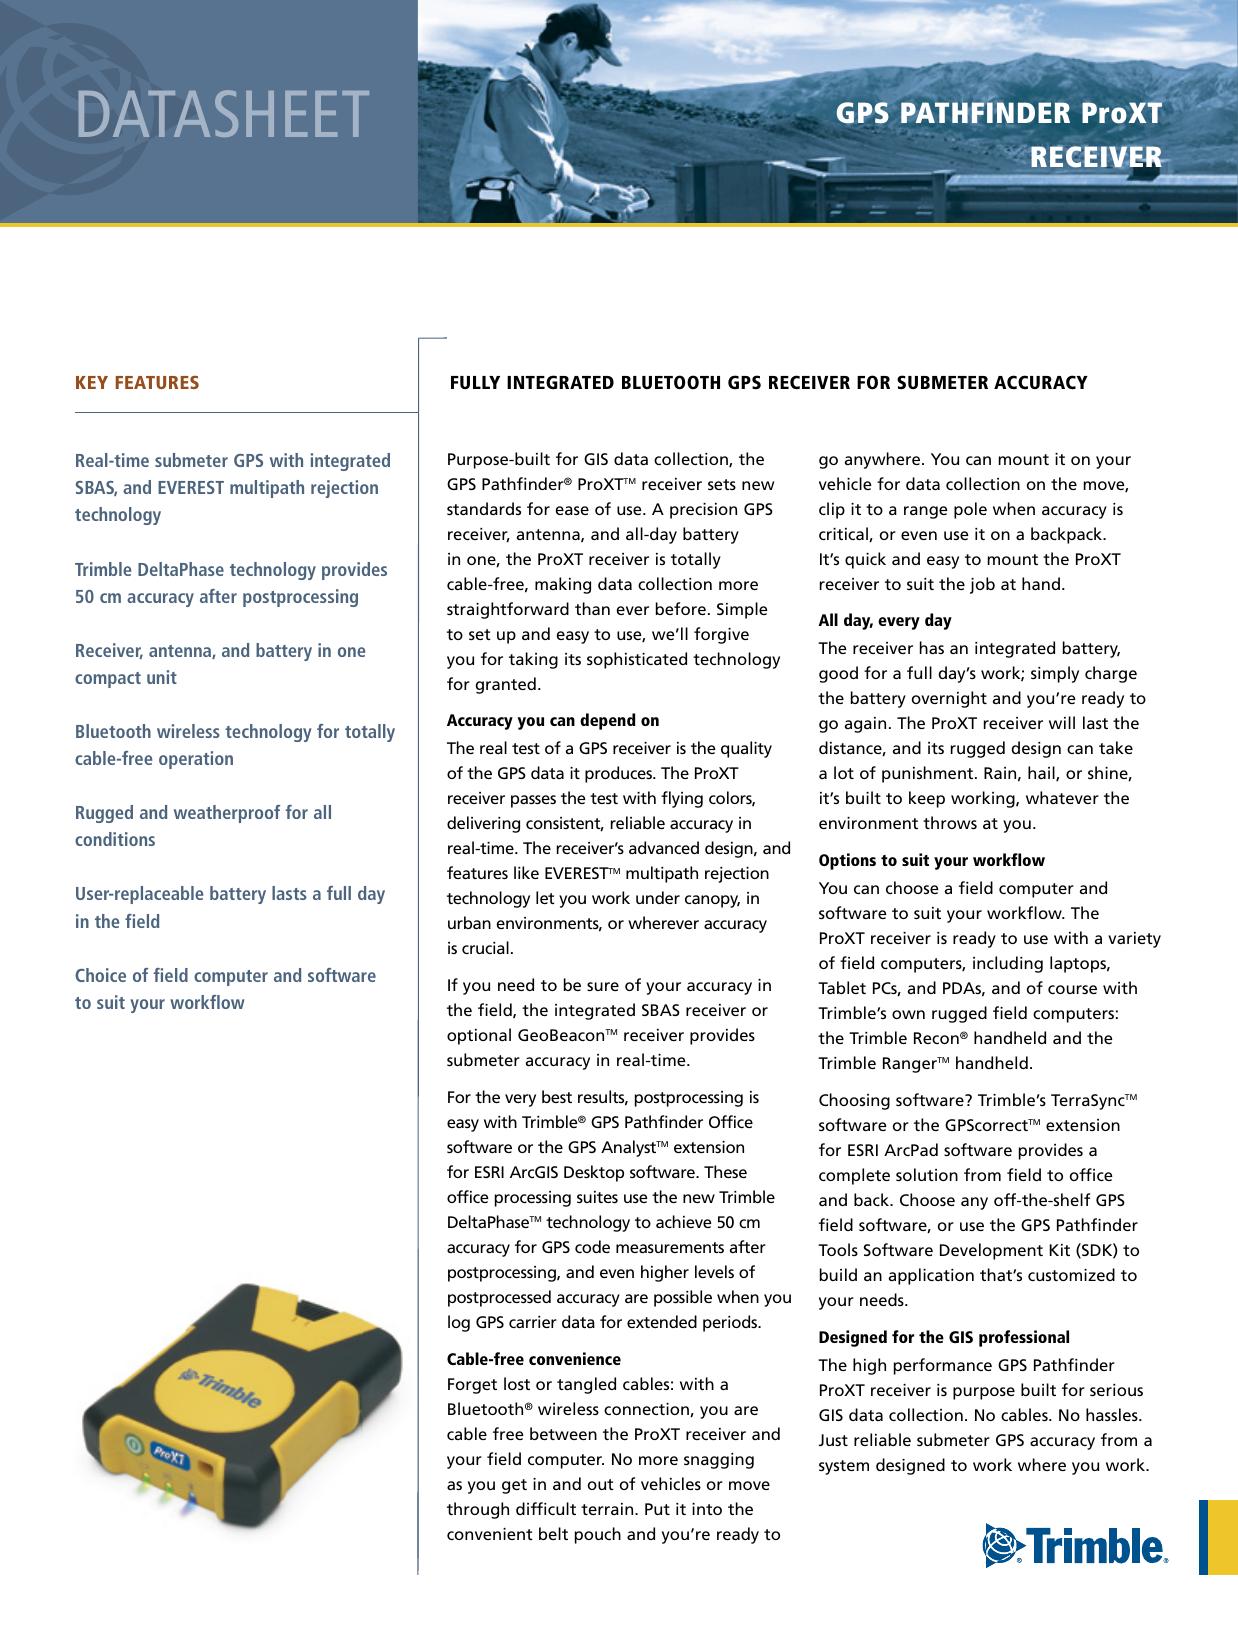 datasheet - Electronic Data Solutions | manualzz com